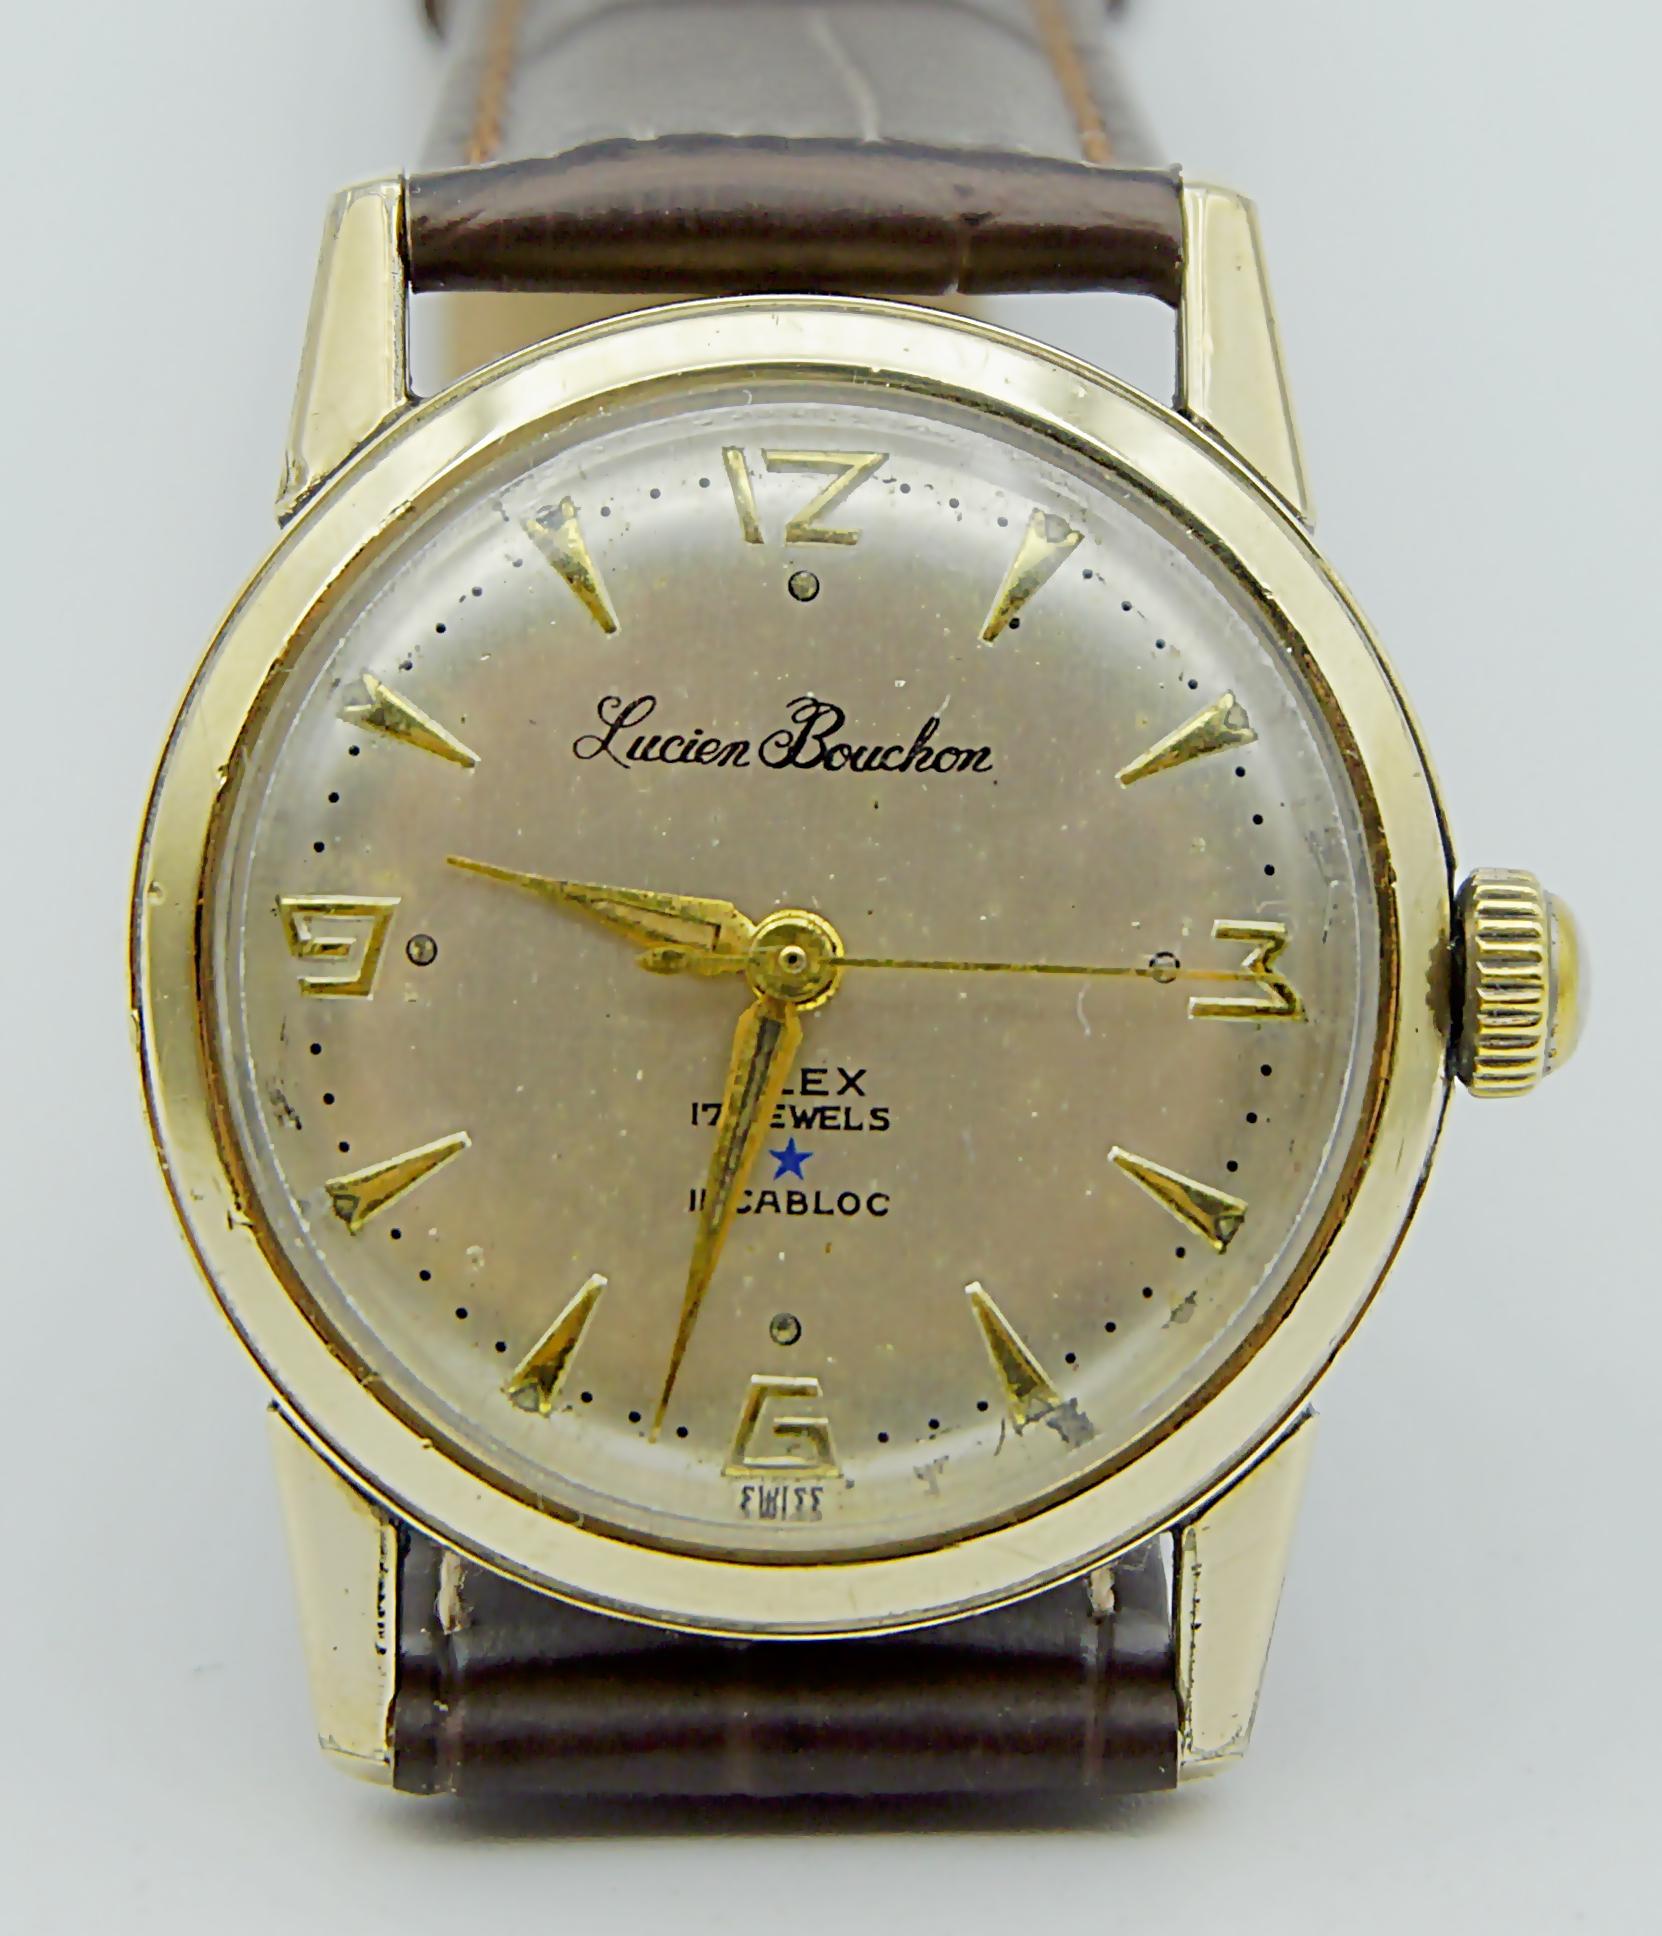 นาฬิกาเก่า LUCIEN BOUCHON ไขลาน